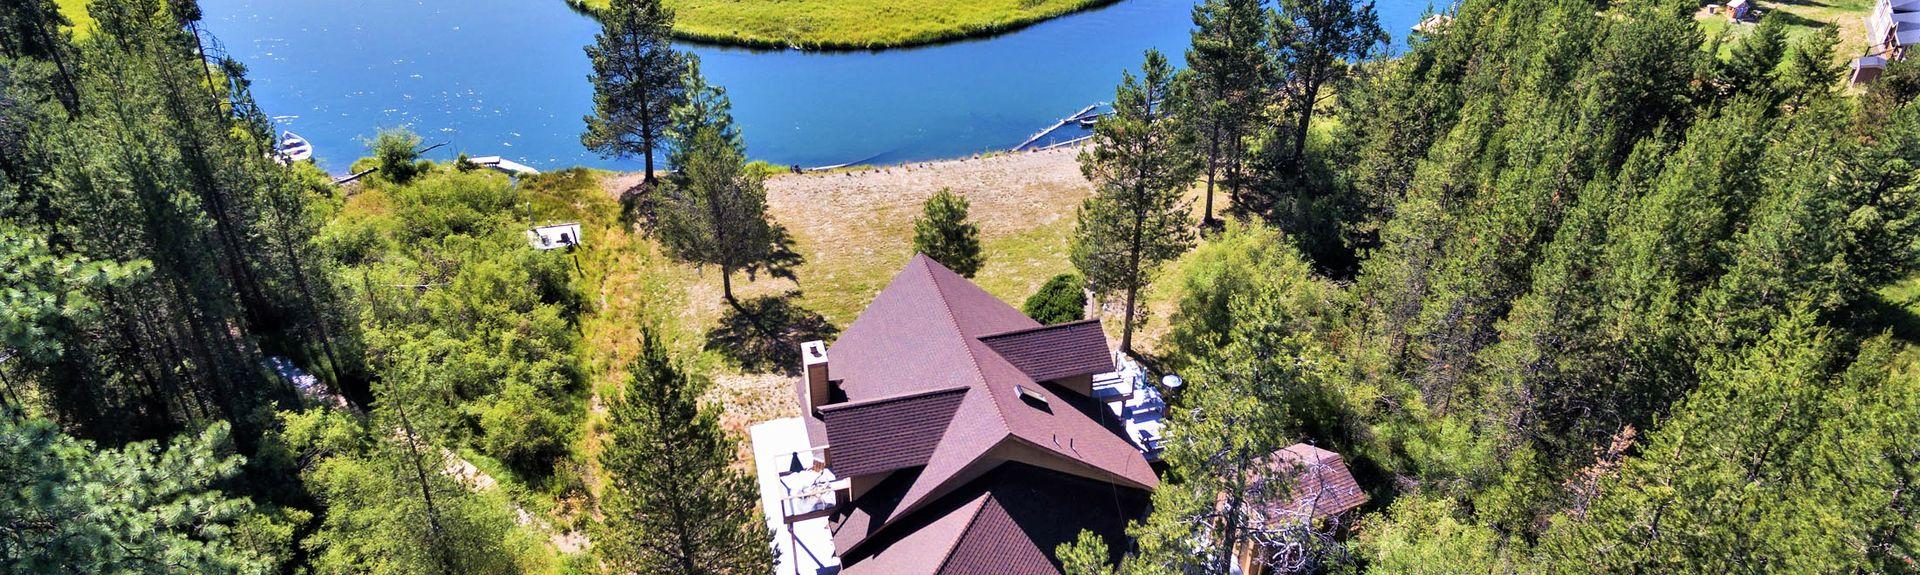 Lago Little Cultus, La Pine, Oregón, Estados Unidos